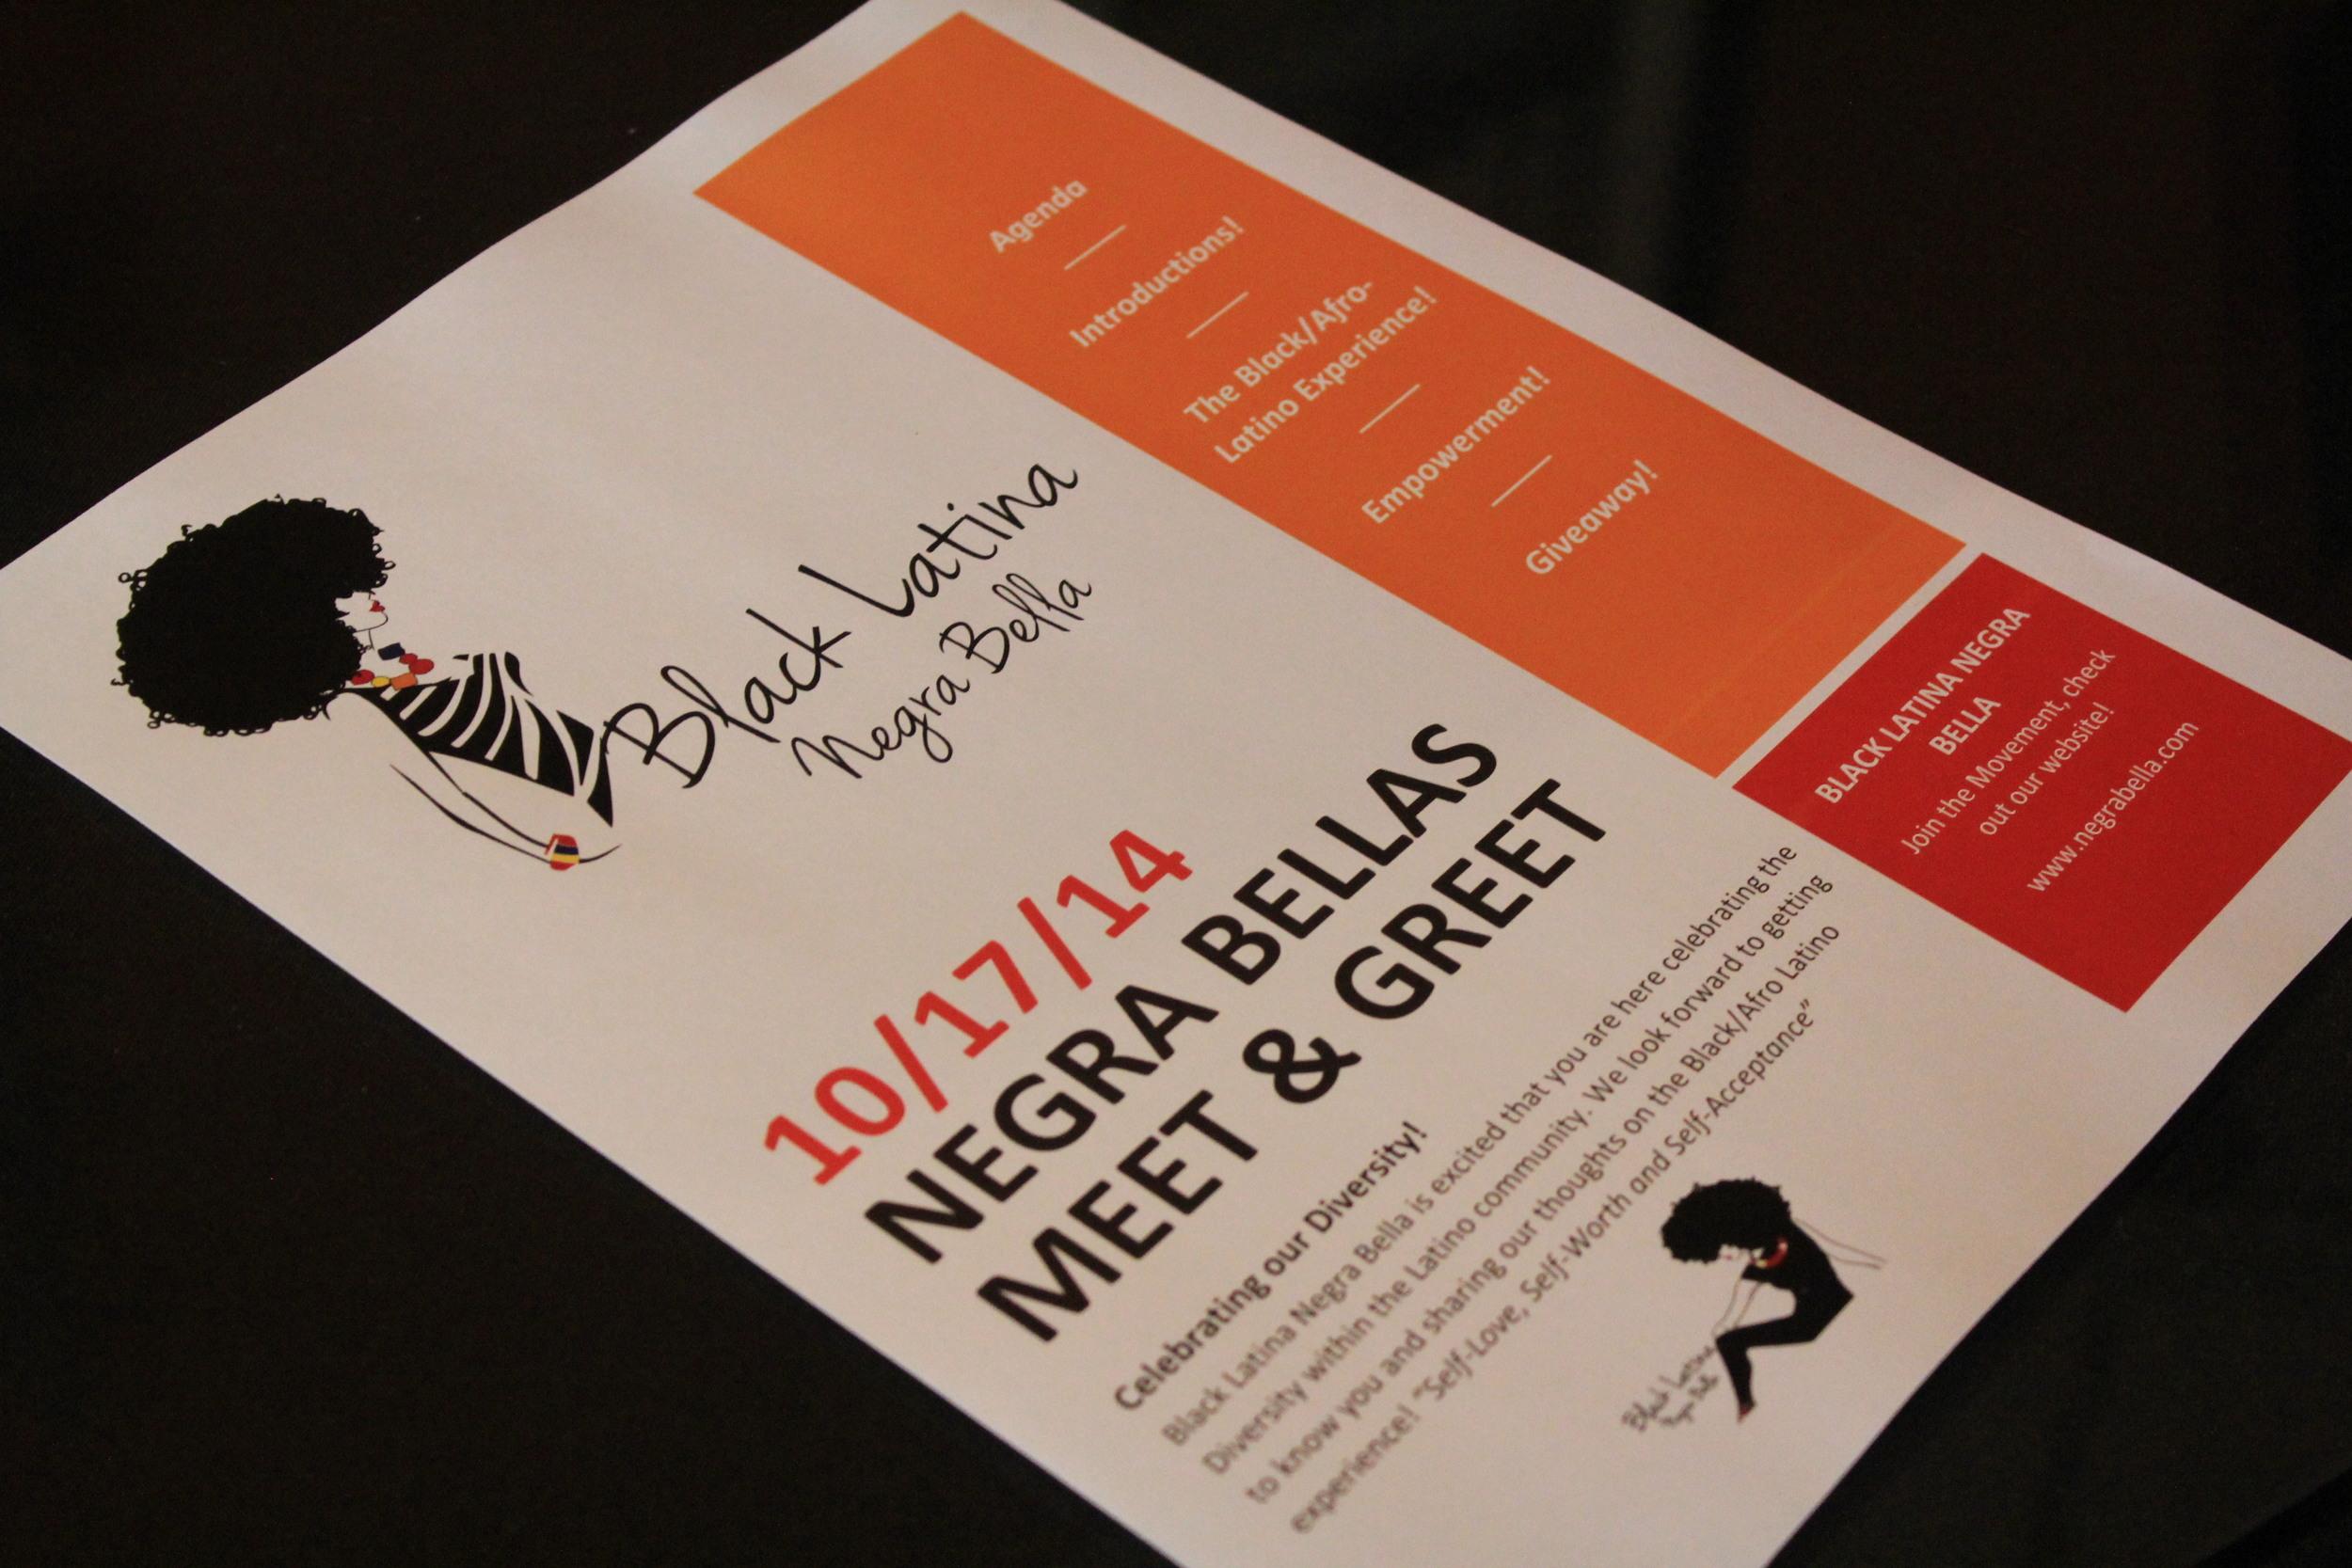 Meet and Greet Flyer.jpg